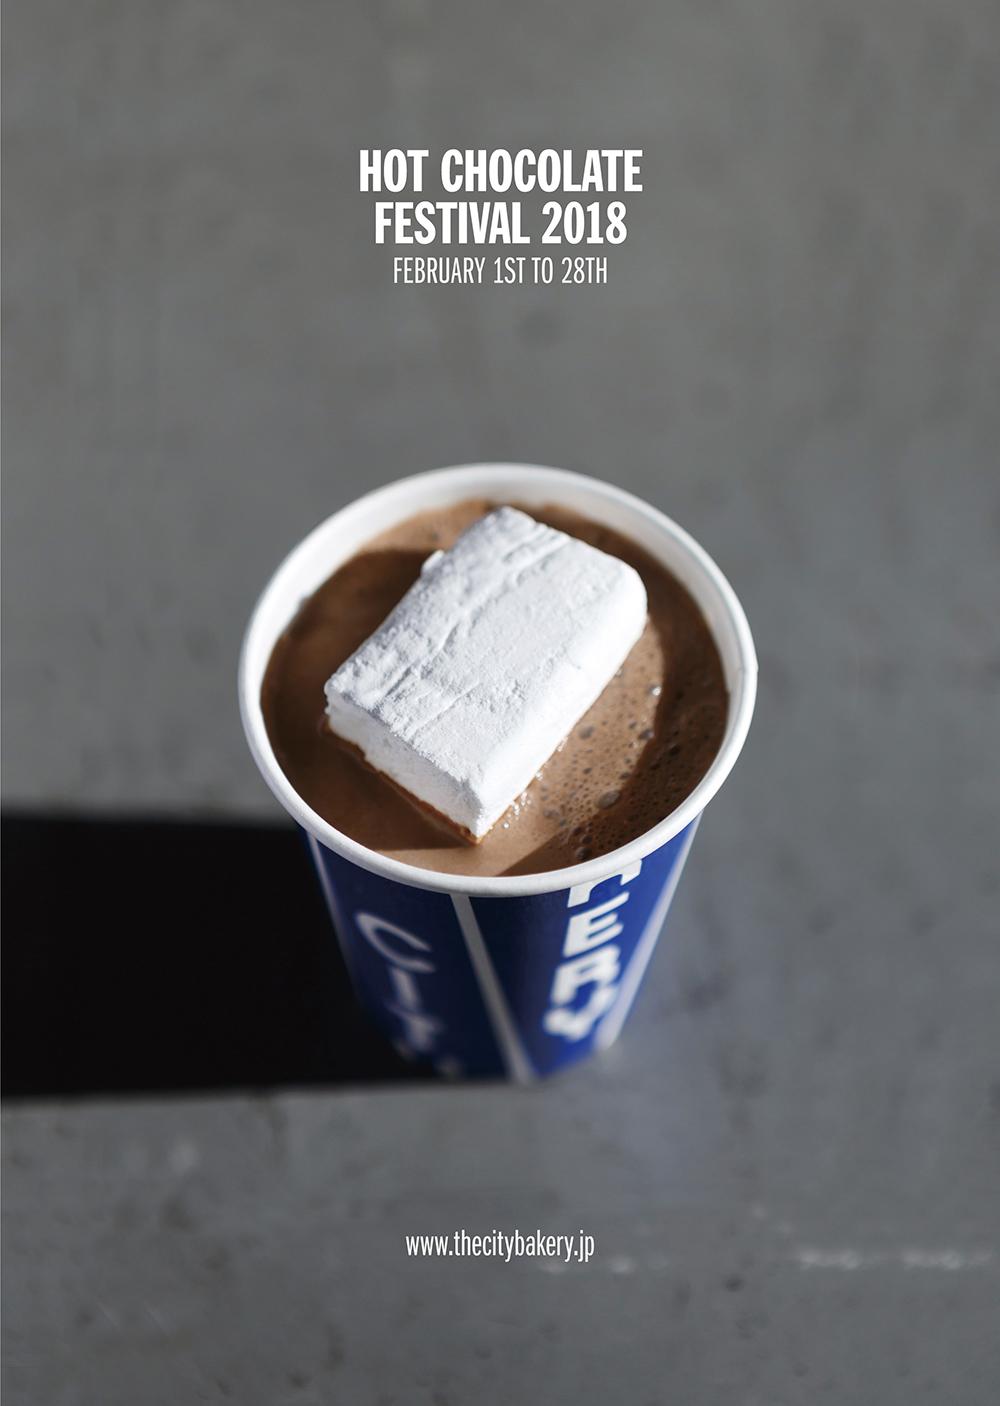 シティベーカリー ホットチョコレートフェスティバル ポスター